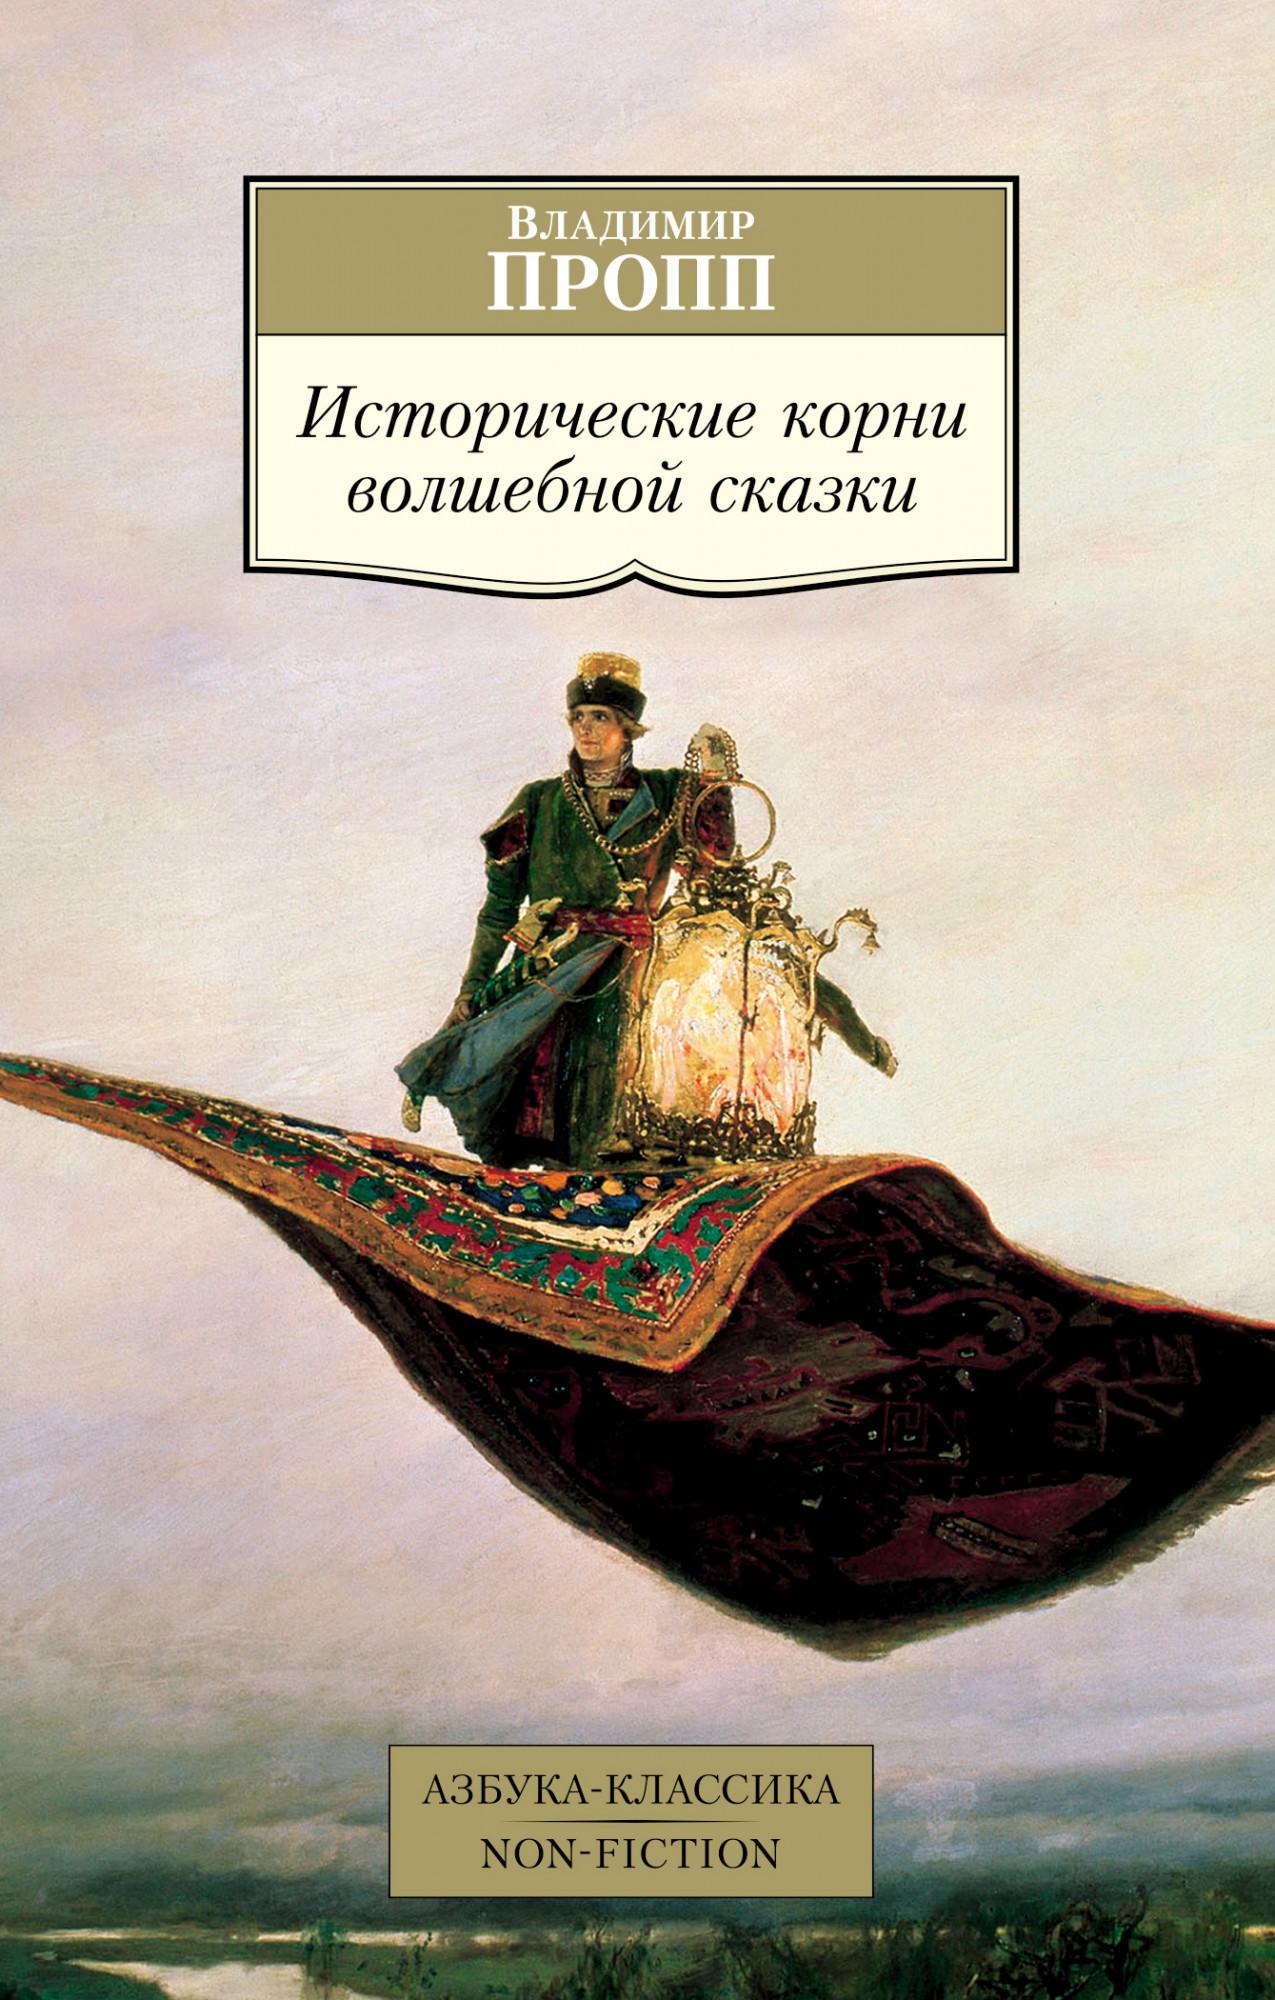 «Легко ли плыть в сиропе?»: топ новых книг на выходные от «Читателя Толстова»